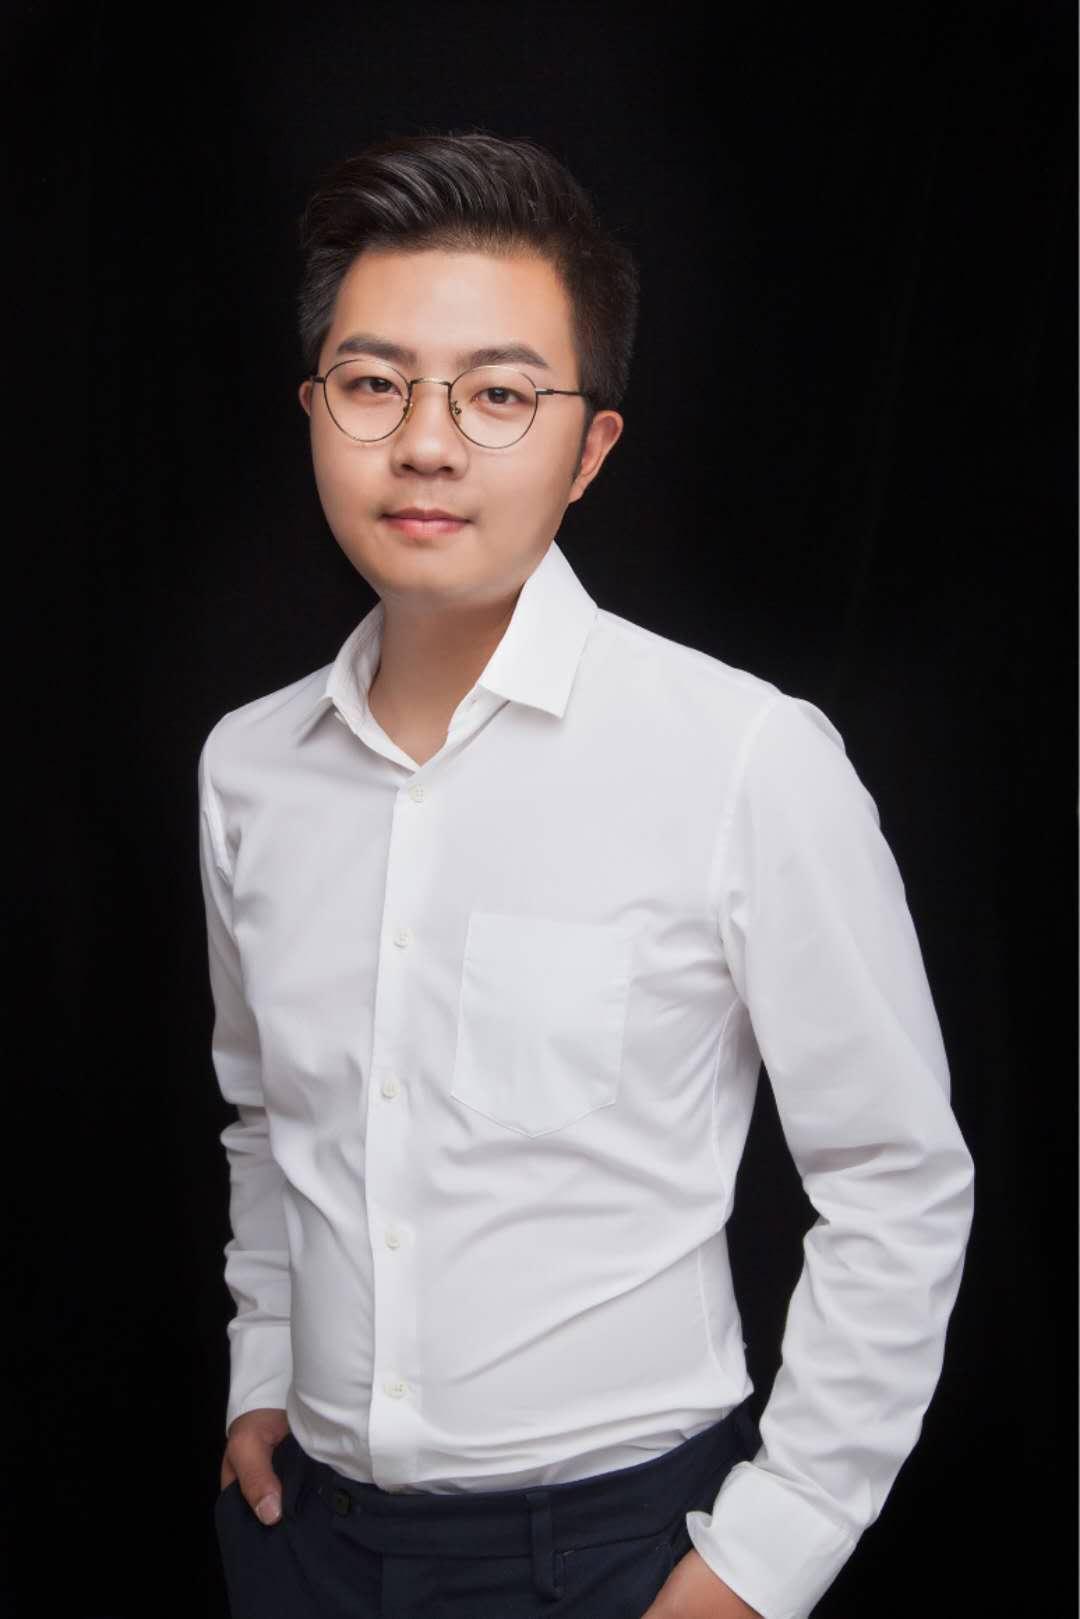 家装设计师樊浩